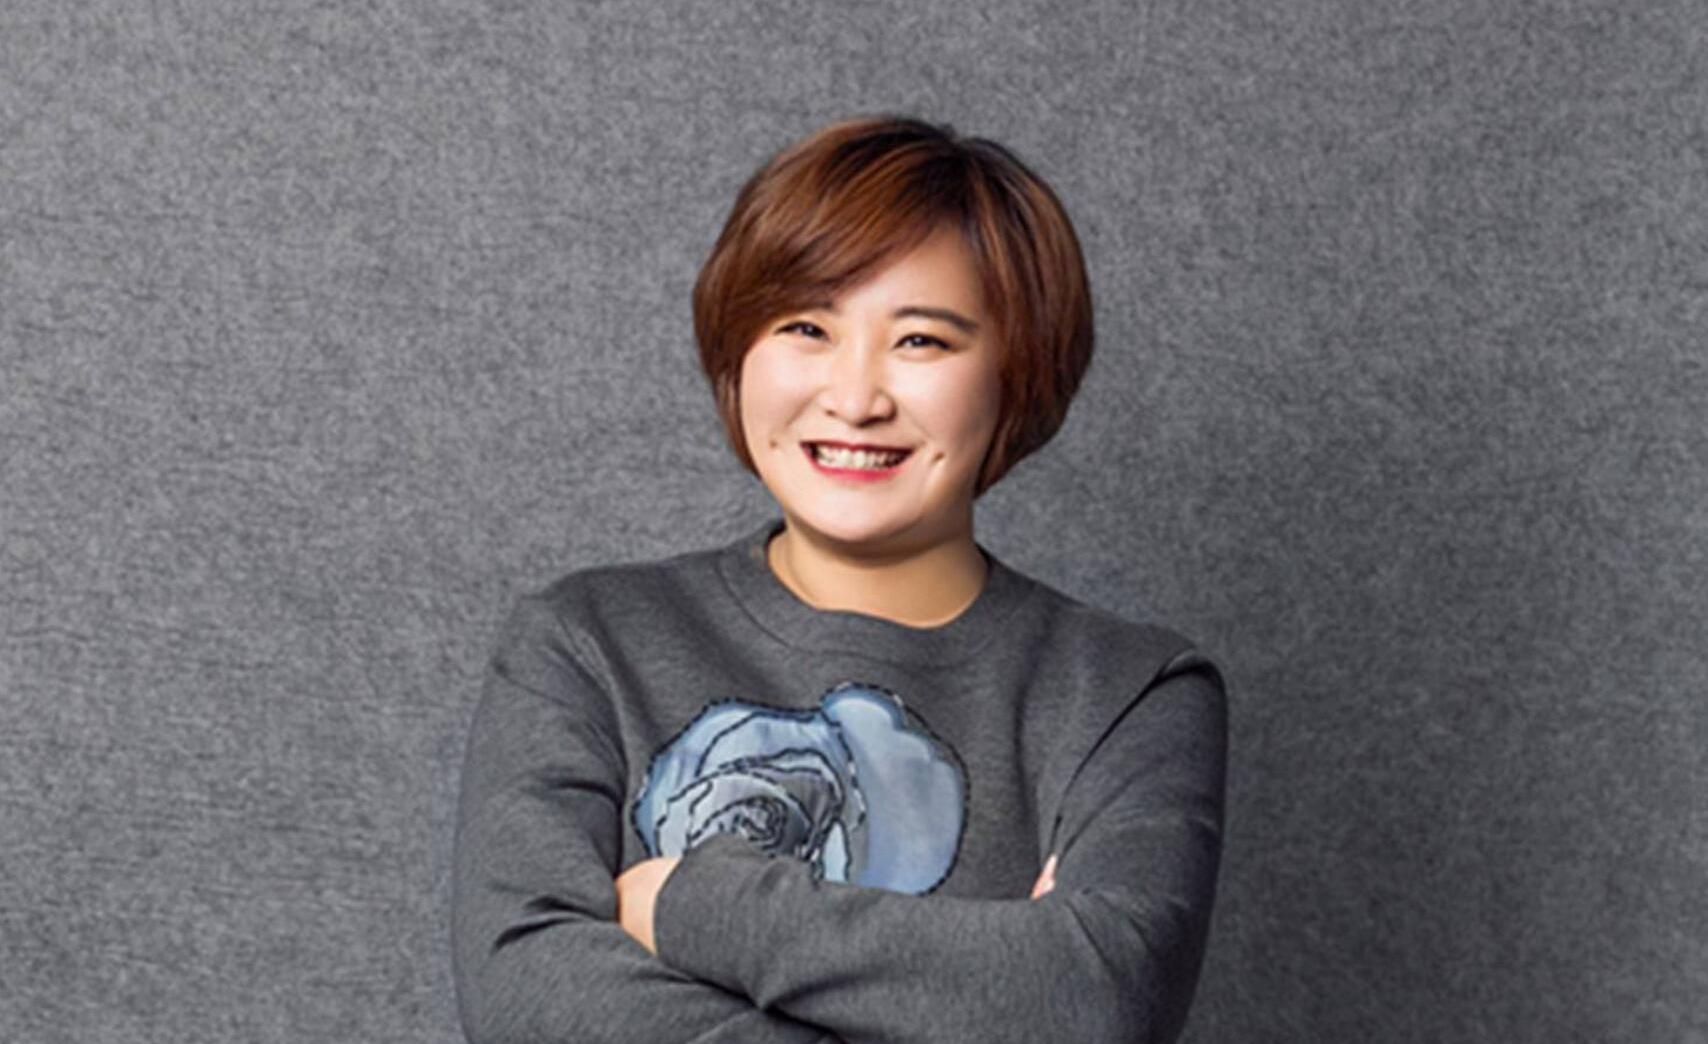 贾玲沈腾电影定档春节,期待度已赶超《唐探3》,演员阵容太豪华